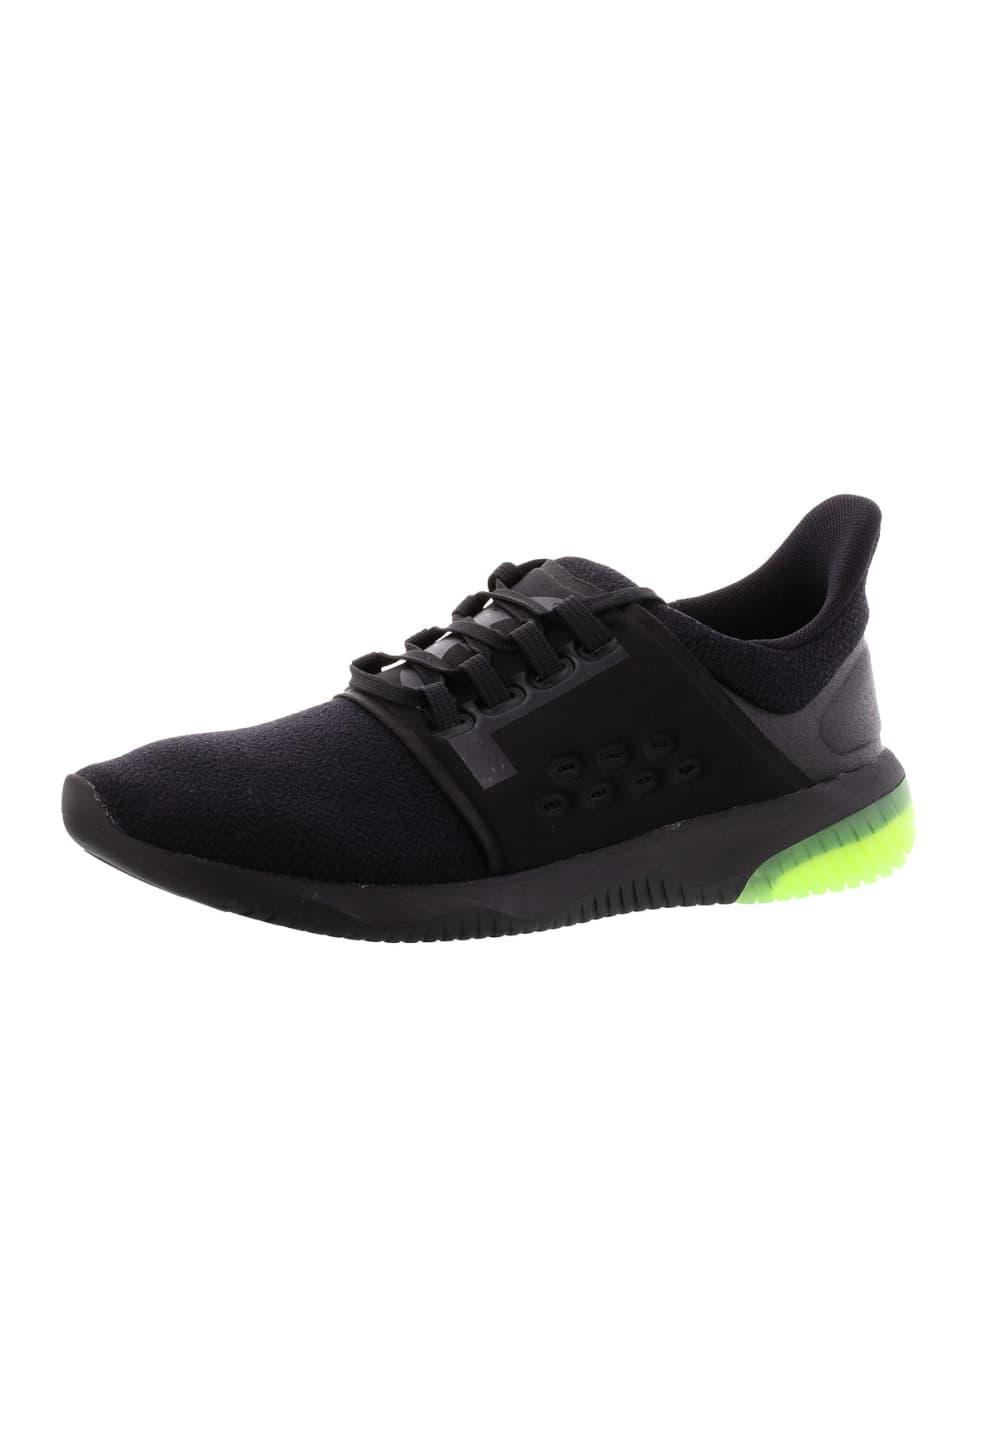 7c49ea150812 Next. -35%. ASICS. GEL-Kenun Lyte MX - Running shoes for Men